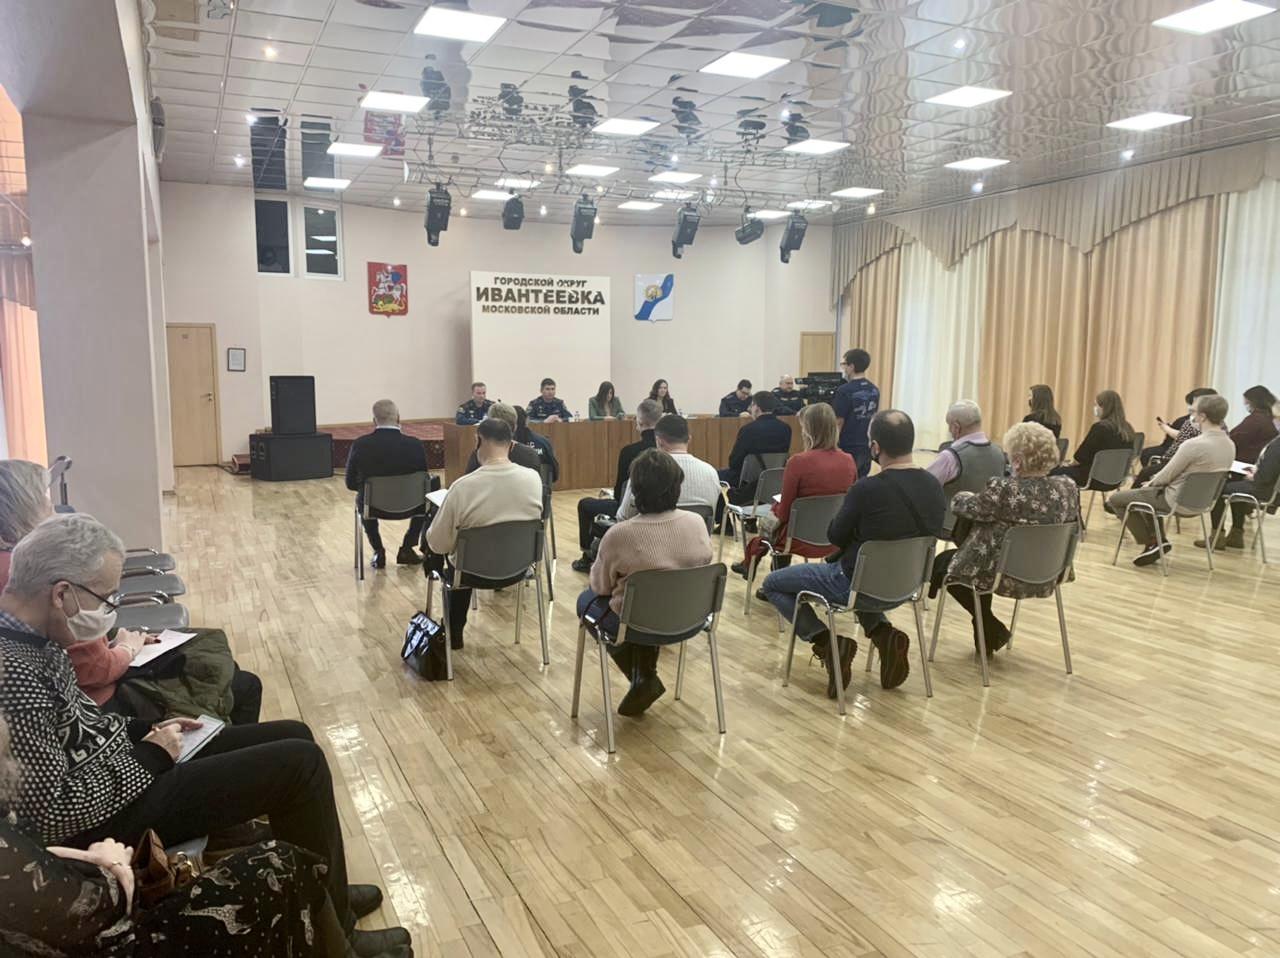 Вопросы пожарной безопасности затронули на совещании с представителями управляющих компаний в Ивантеевке